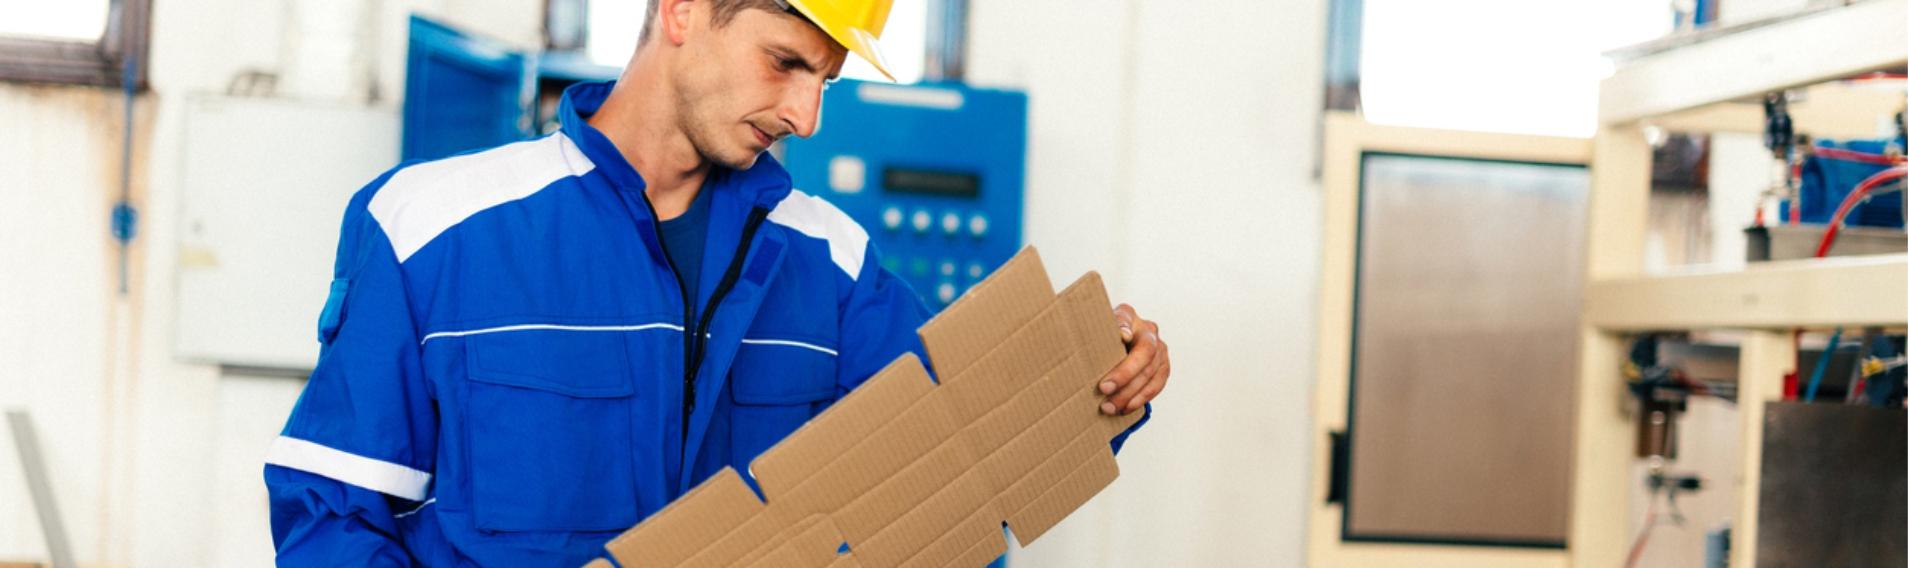 Man holding preformed cardboard packaging